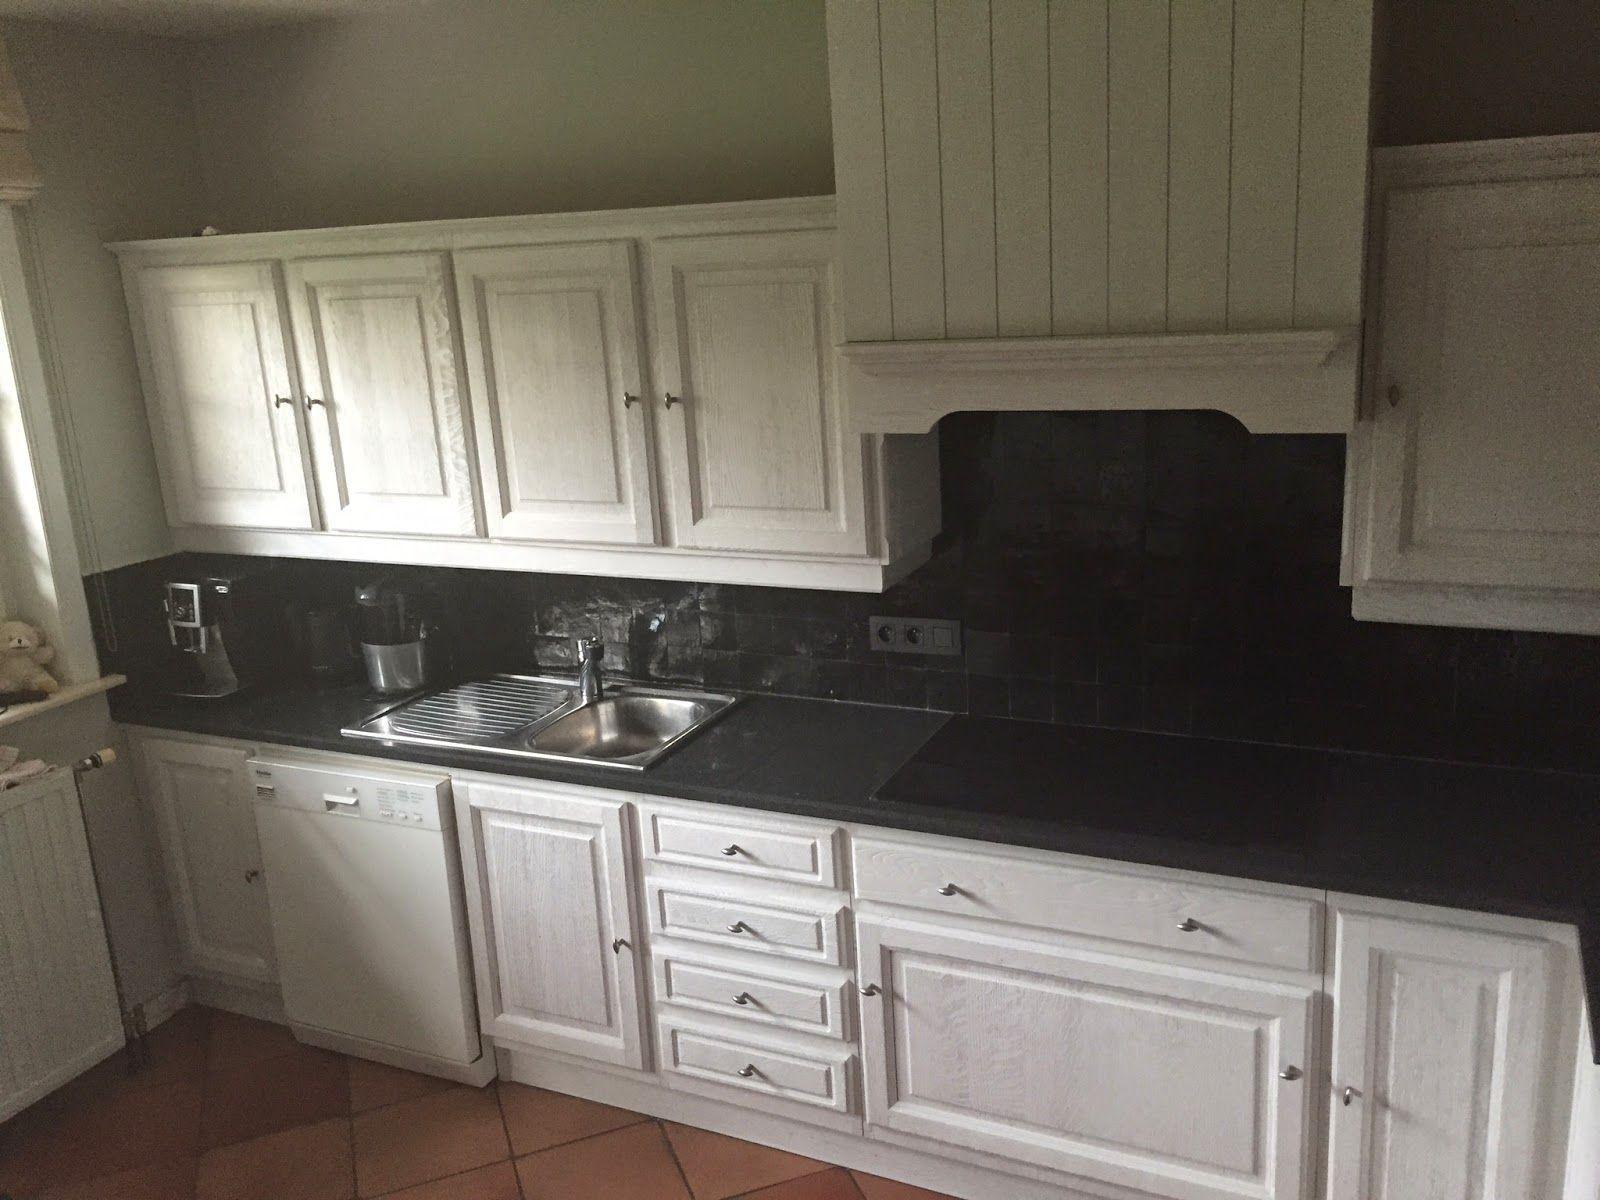 Renovatie Van Keukens : Renovatie van eiken keukens: renovatie van een eiken keuken keuken